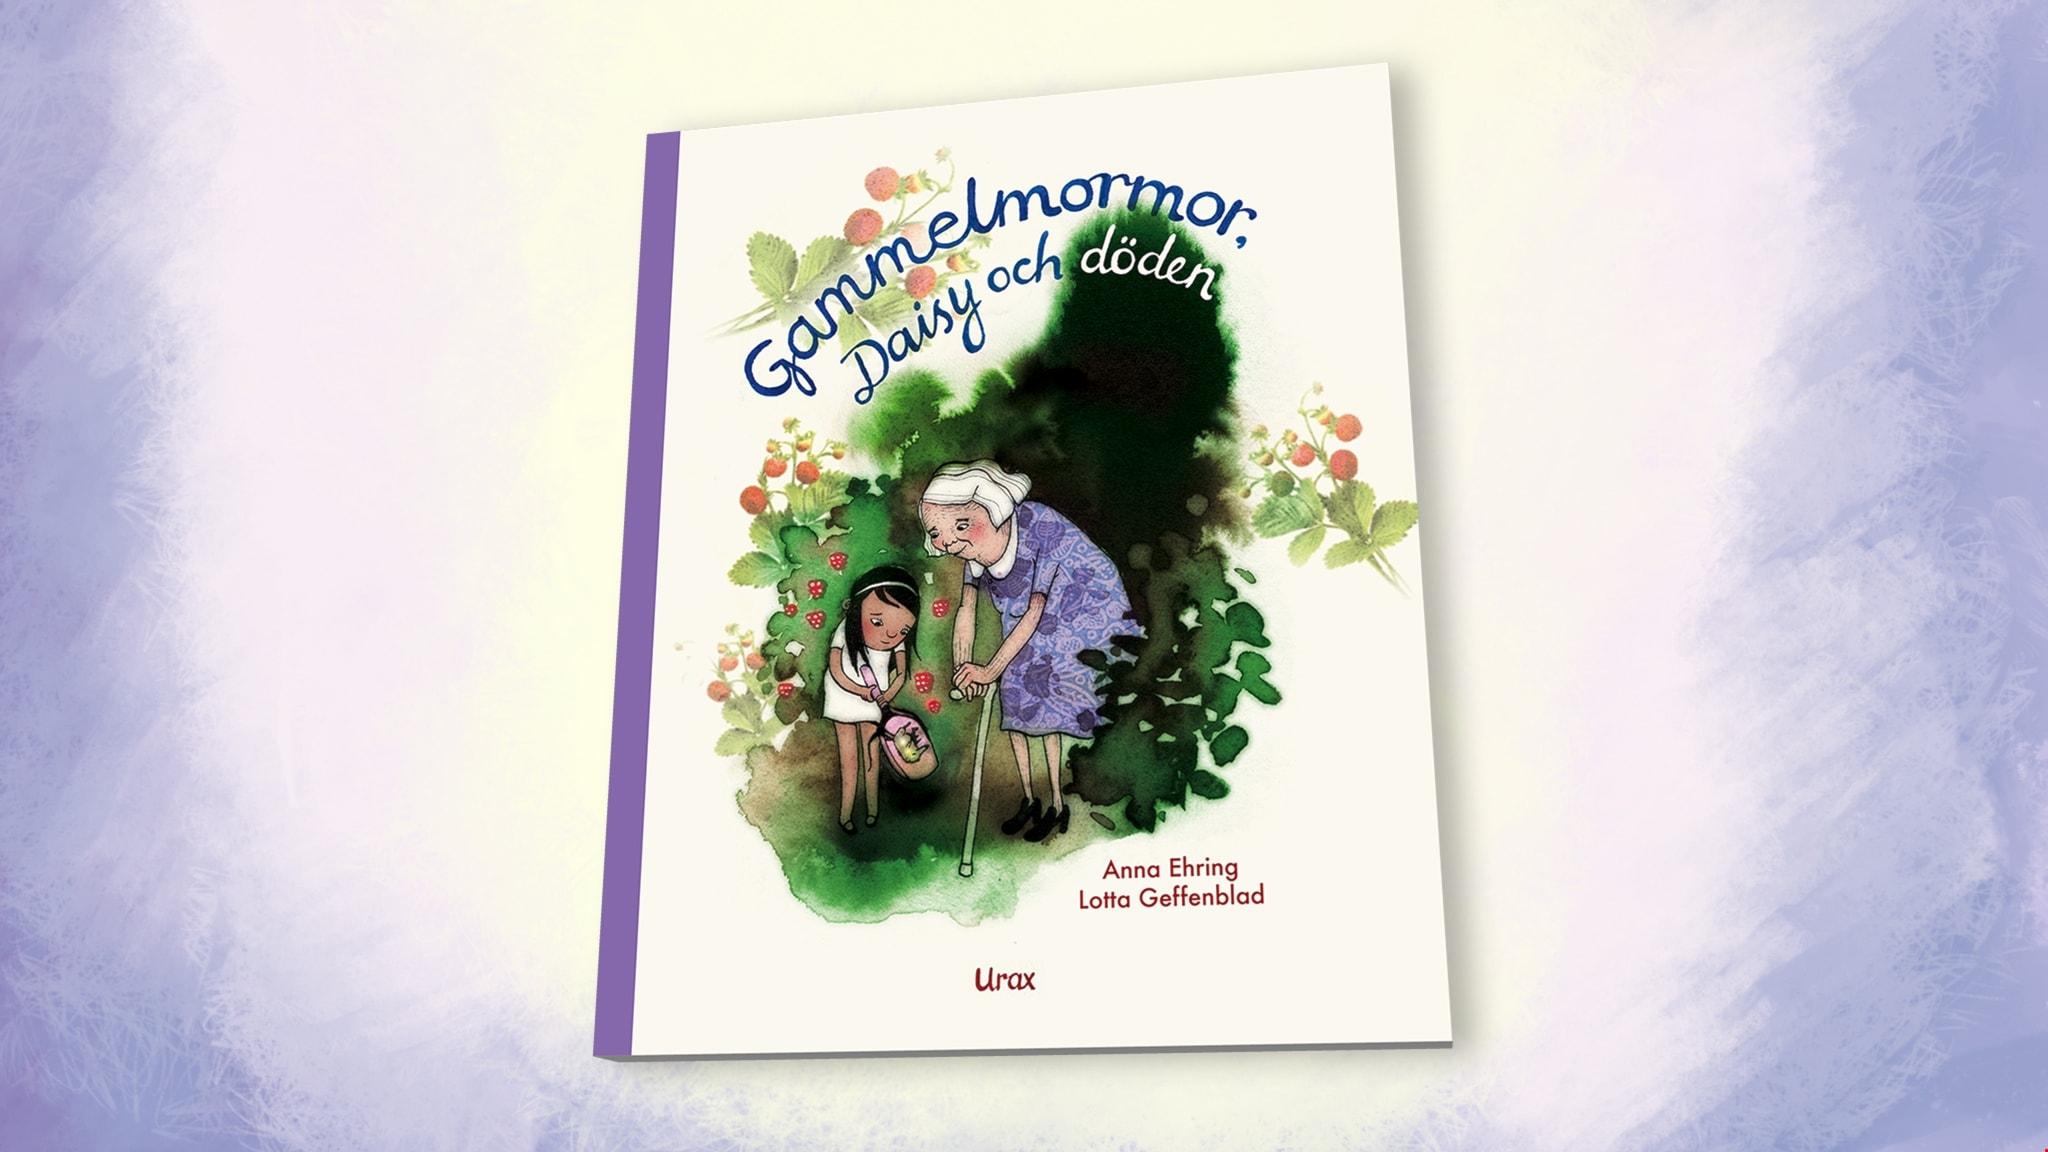 Ung och gammal: Gammelmormor, Daisy och döden